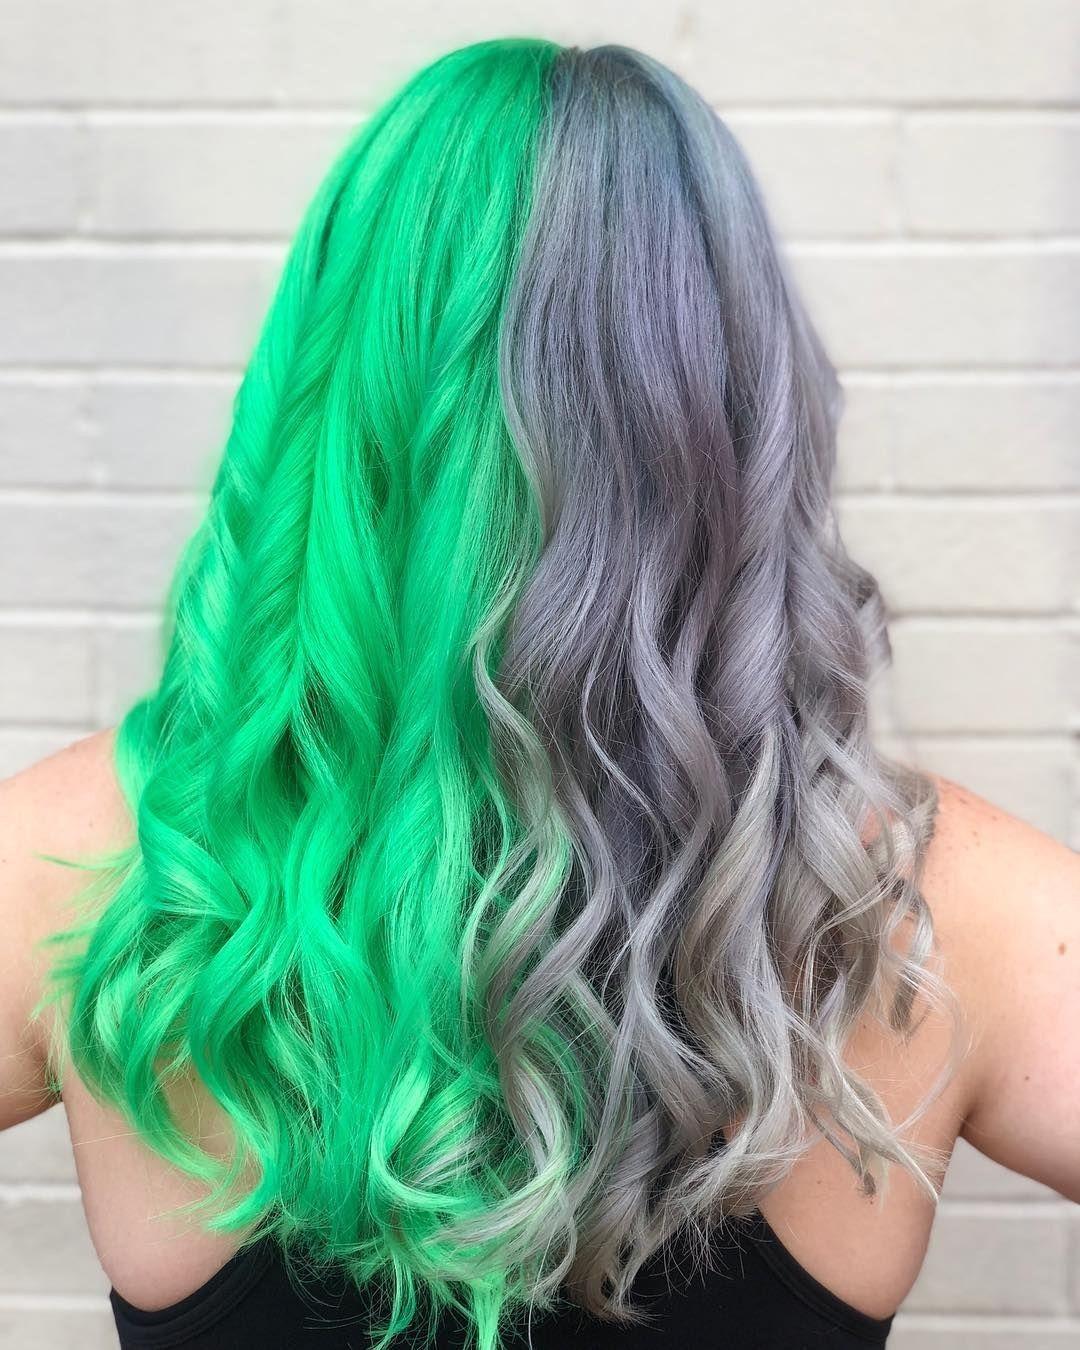 Green And Grey Hair Split Dyed Hair Dyed Hair Split Hair